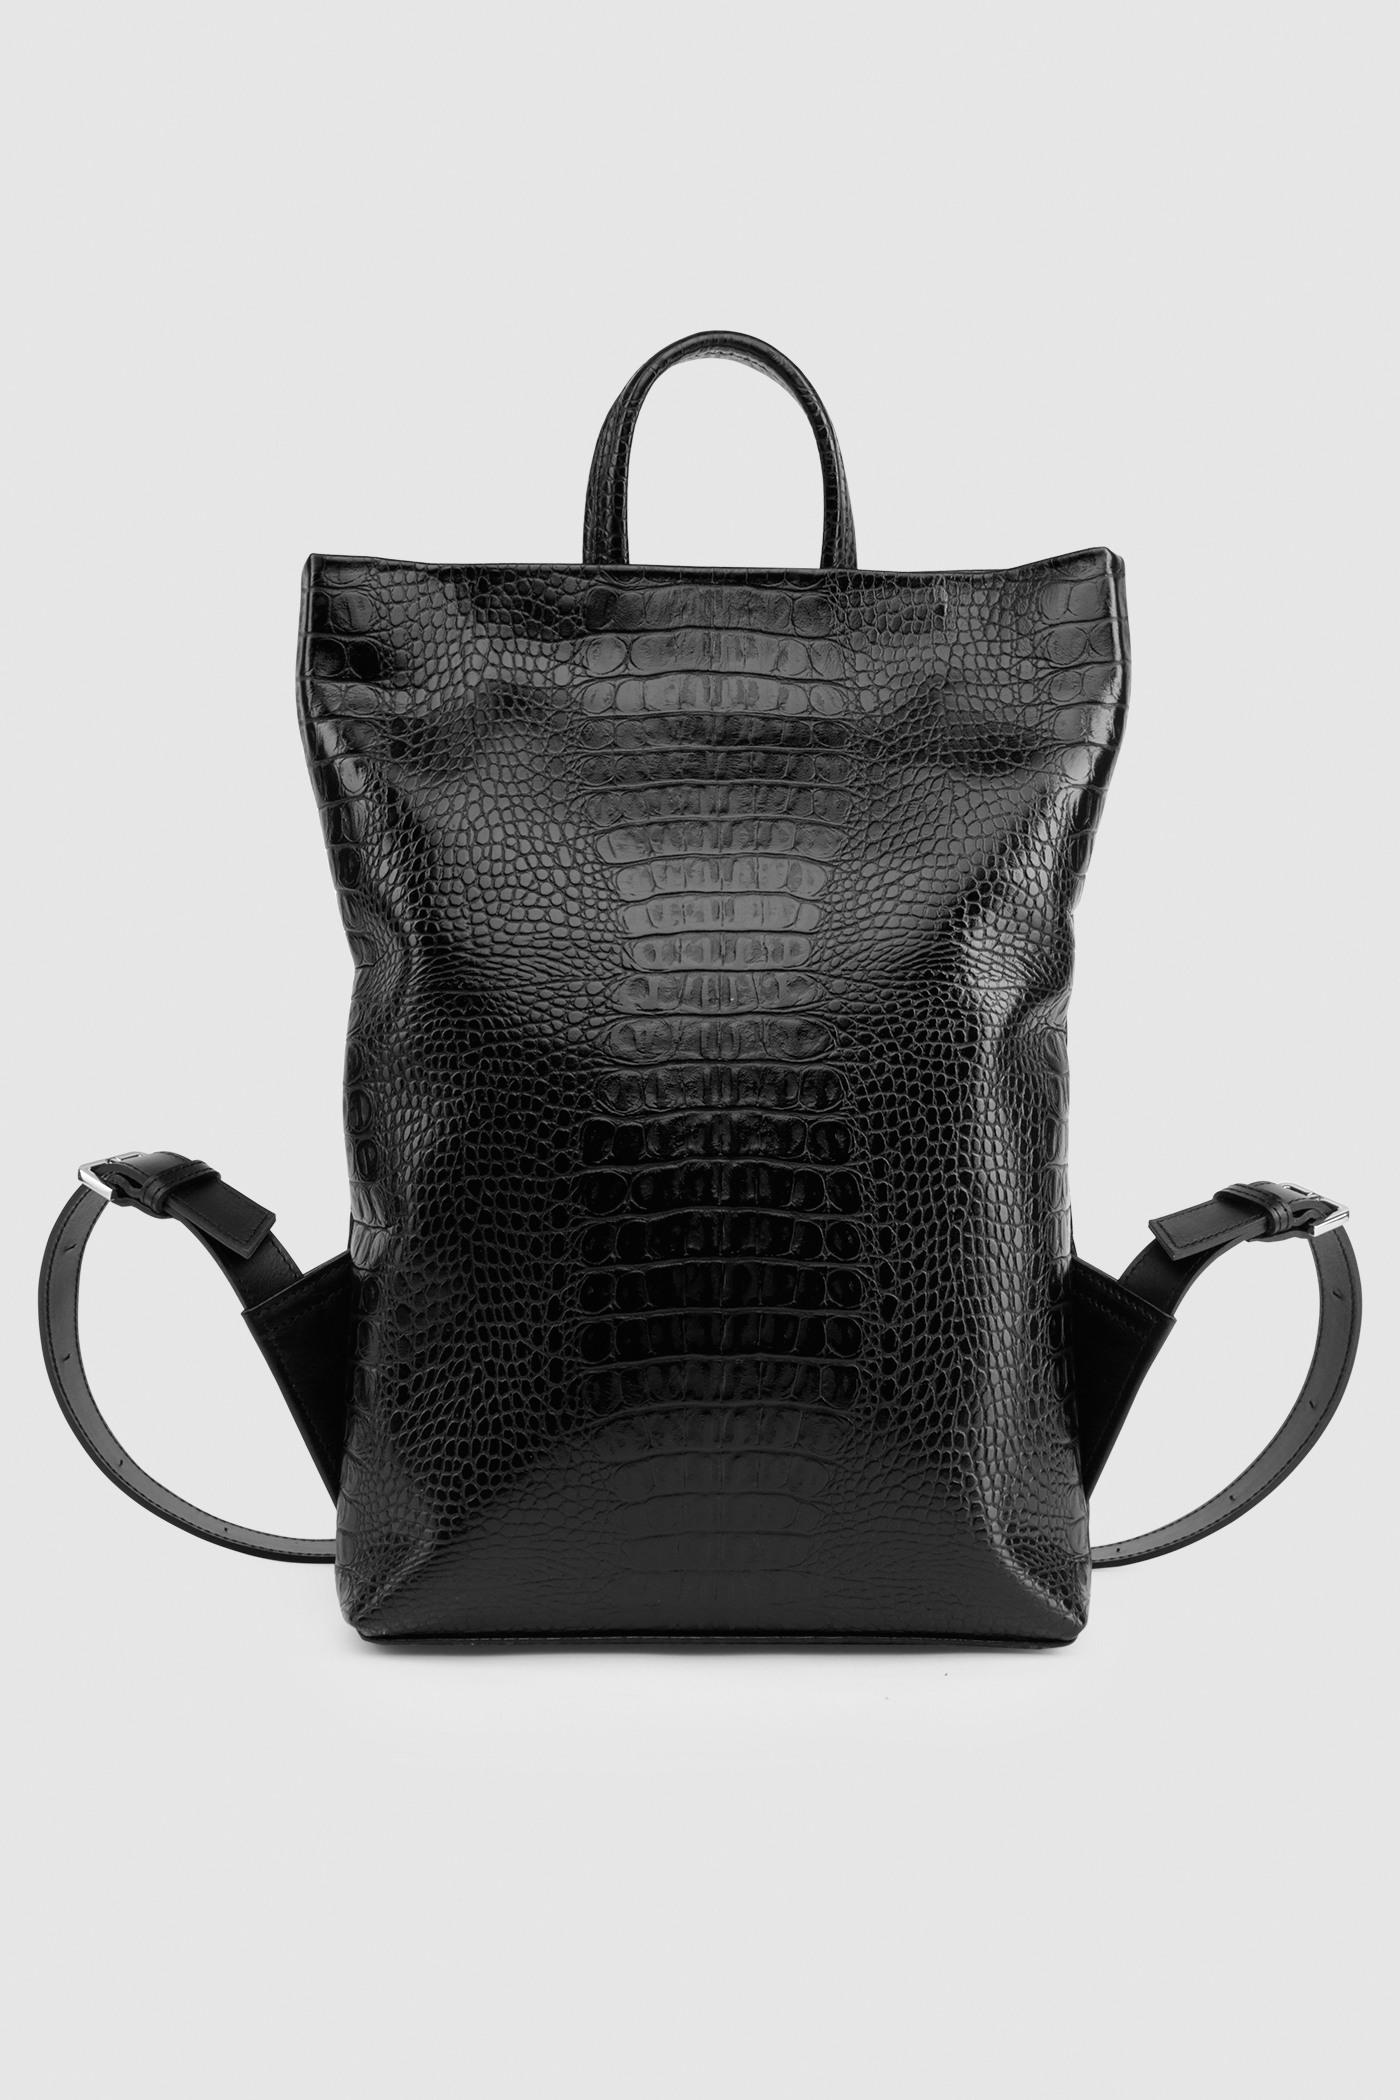 Рюкзак в трех размерах S, M, LПрямоугольныый городской рюкзак из плотной лакированной кожи. Закрывается на черную молнию сверху. Внутреннее отделение с тканевой подкладкой. Карман на молнии с тыльной стороны и небольшой карман на молнии внутри. Петля для подвешивания и регулируемые лямки из ремневой кожи - ширина 2,5 см. Прилагается чехол для хранения.&#13;<br>&#13;<br>&#13;<br>унисекс&#13;<br>&#13;<br>плоский рюкзак&#13;<br>&#13;<br>формирует объем за счет наполнения&#13;<br>&#13;<br>&#13;<br>Размеры рюкзака:&#13;<br>в размере S: высота 32х39 см&#13;<br>в размере M: высота 32х48 см&#13;<br>в размере L: высота 43х58 см&#13;<br>&#13;<br>Вес изделия:&#13;<br>650 грамм (рюкзак S)&#13;<br>800 грамм (рюкзак М)&#13;<br>970 грамм (рюкзак L)<br><br>Цвет: Чёрный крокодил<br>Размер: S, M, L